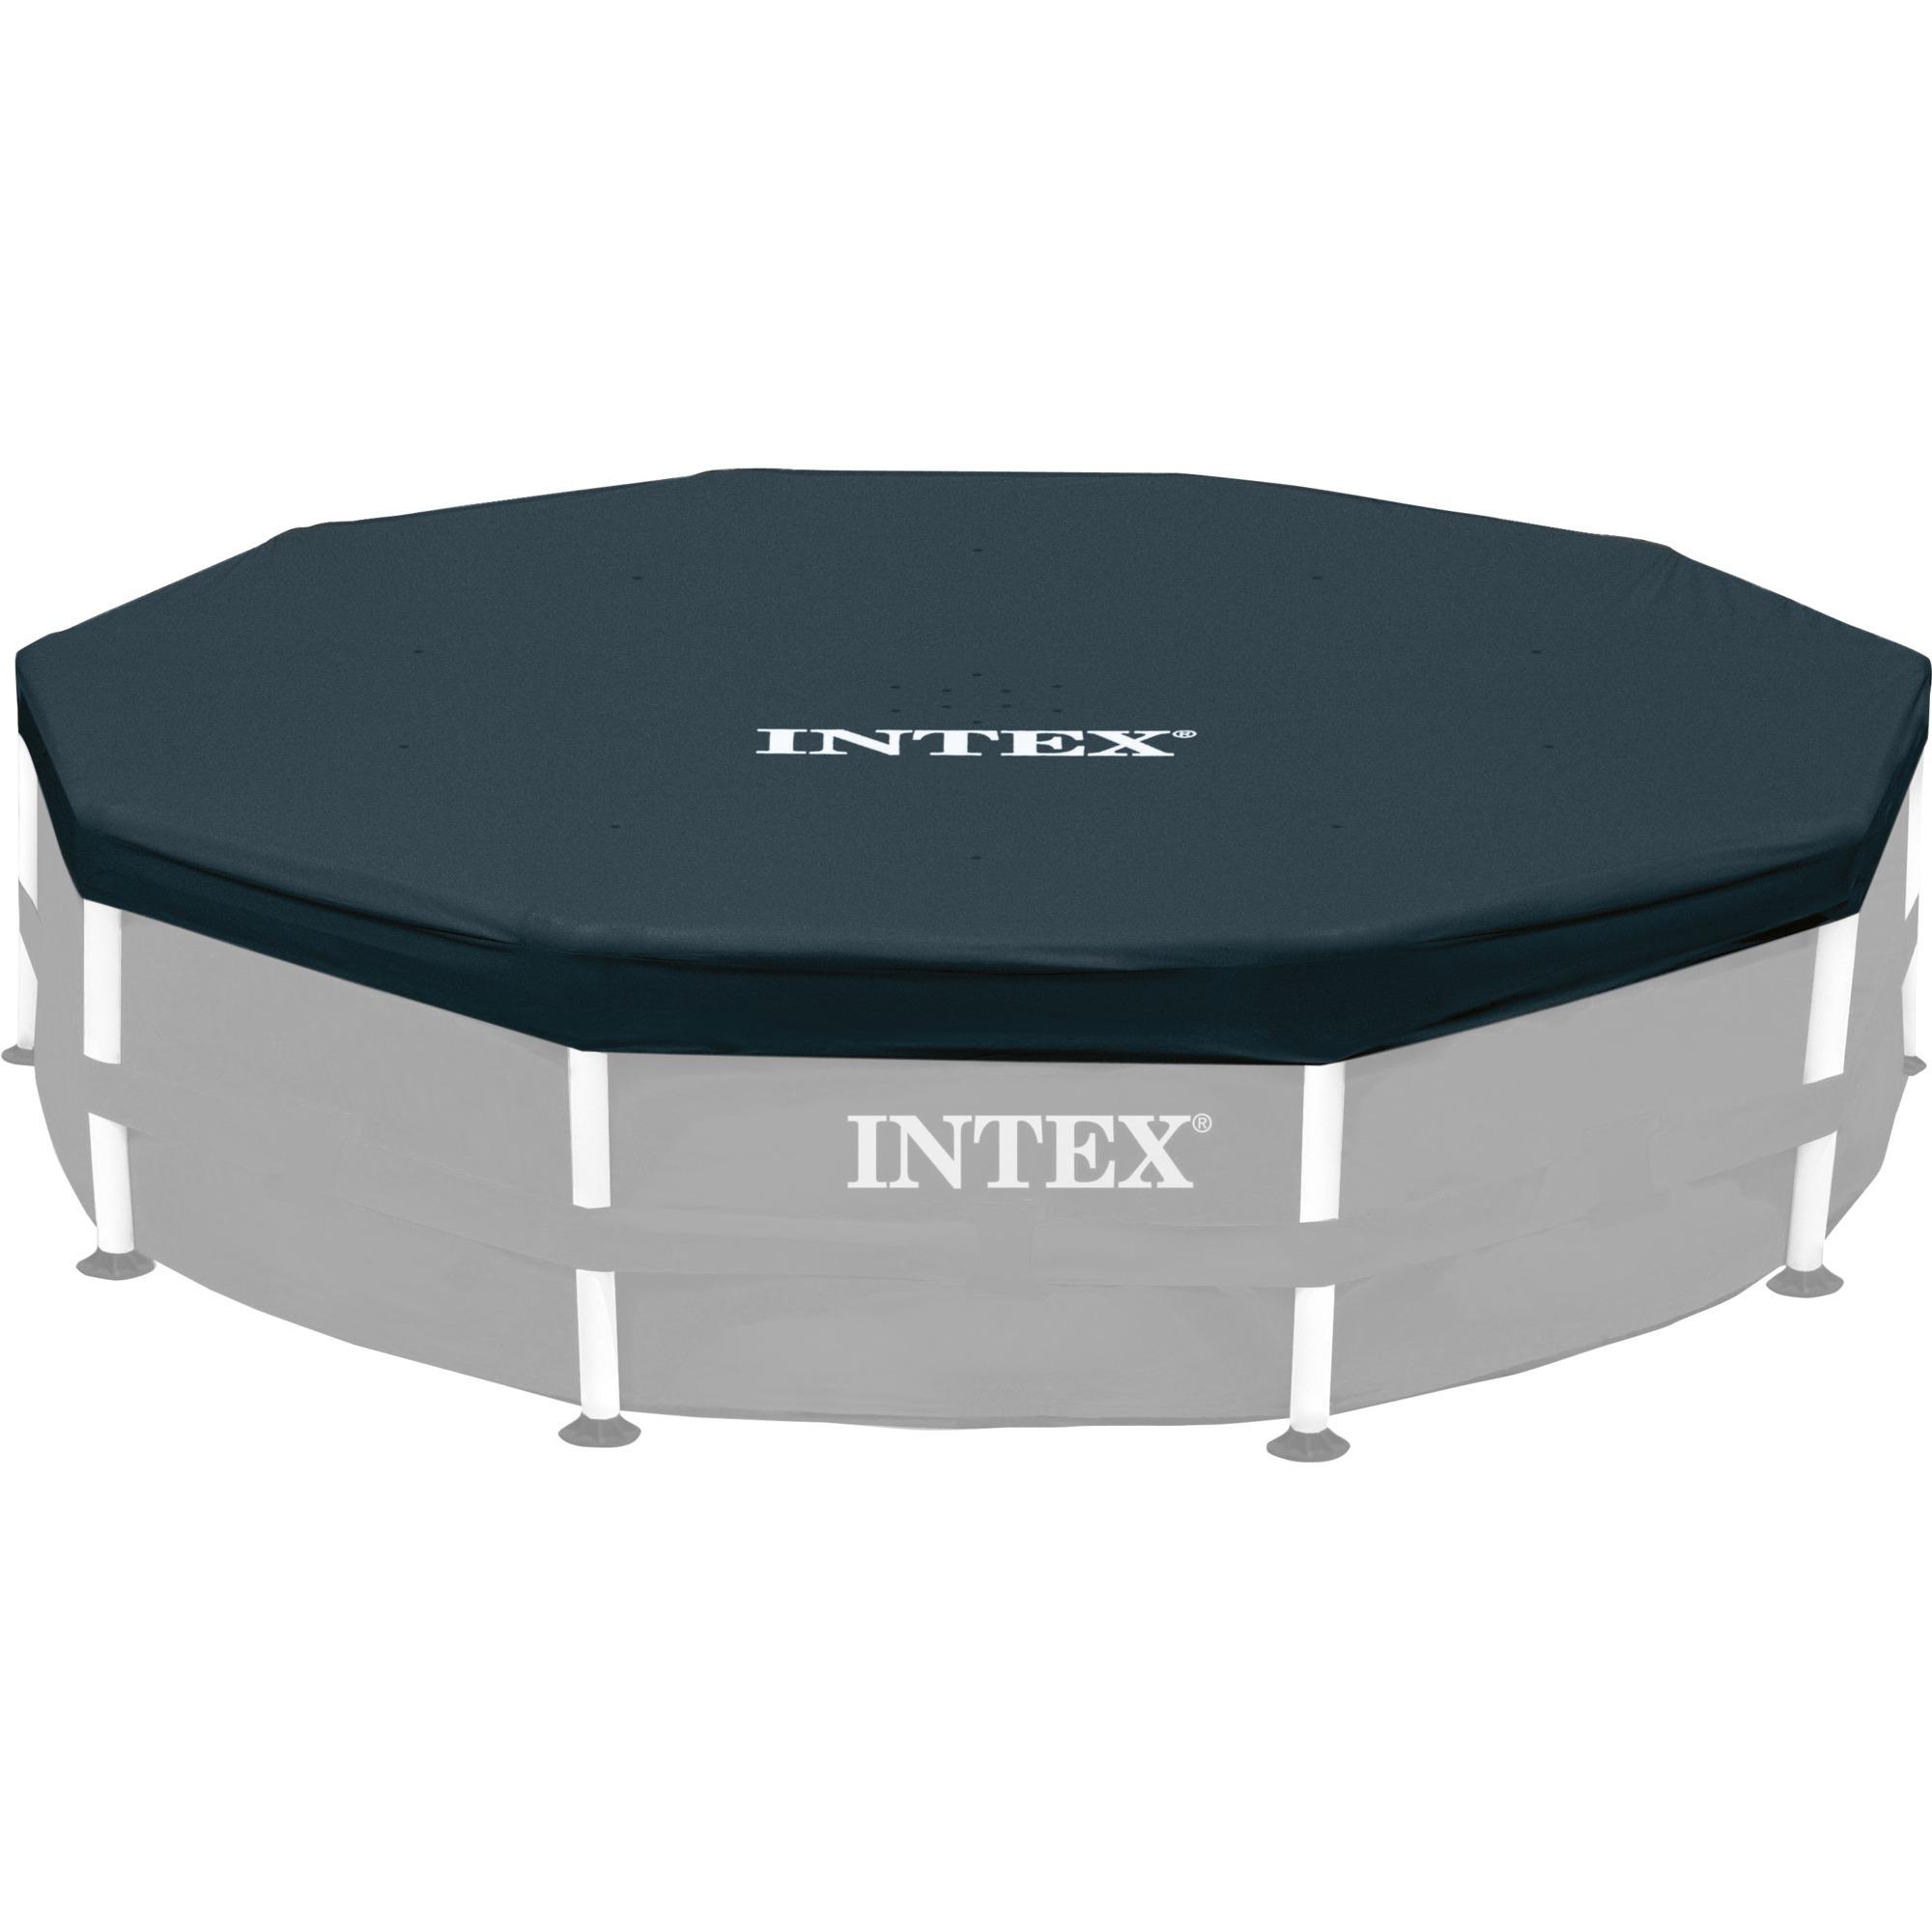 Sensationelle Intex 28031 tilbehør til pool Cover, Presenning Sort, Cover, Blå TA28